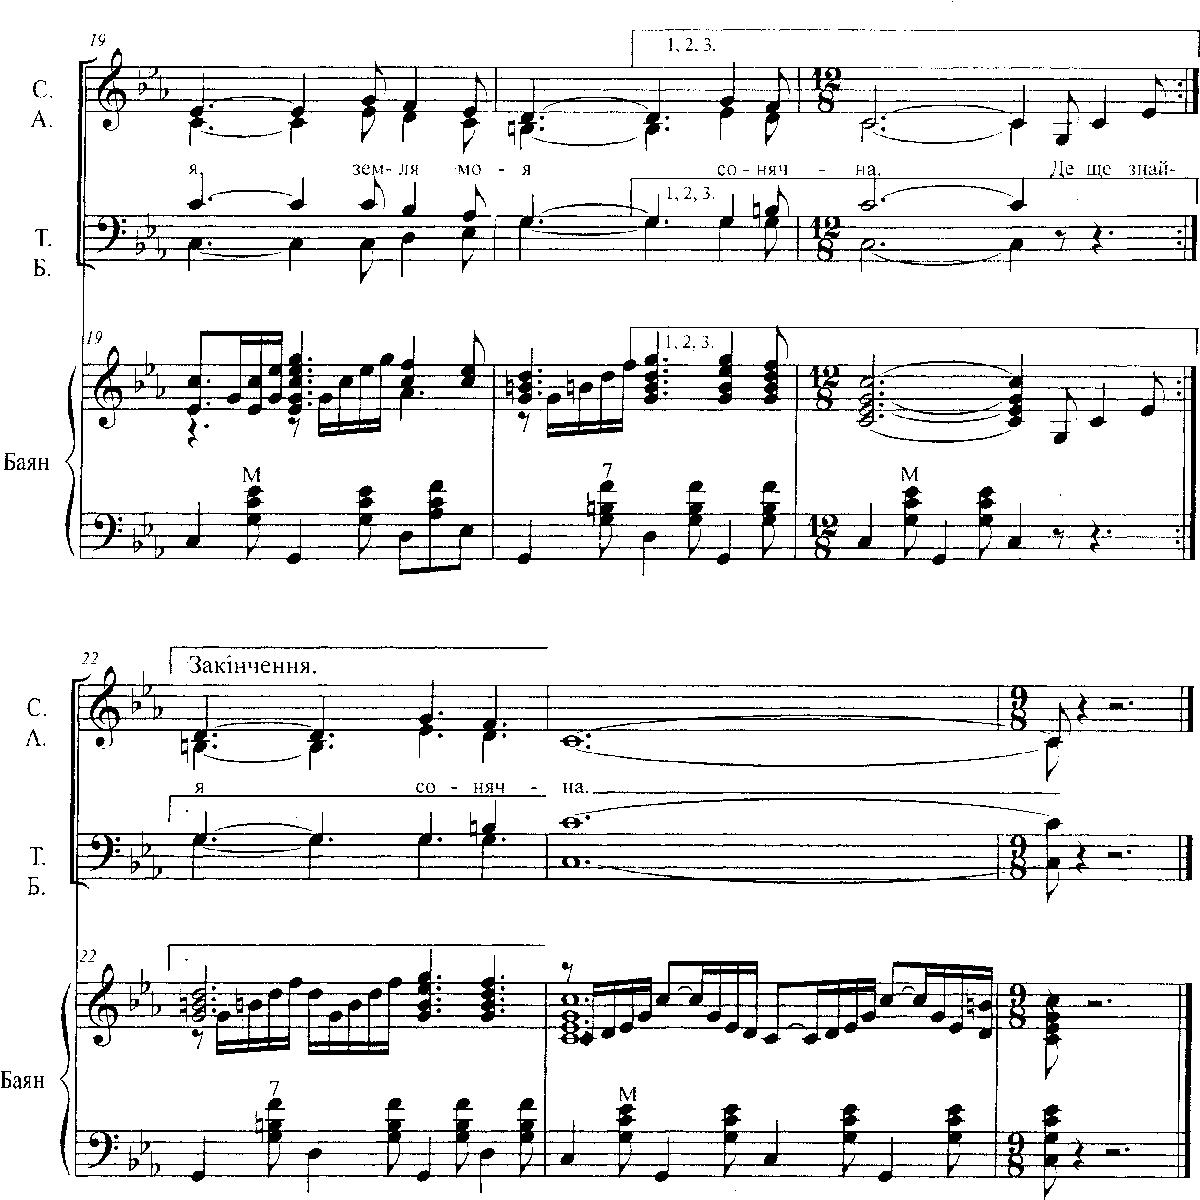 Українська народна пісня волинь моя